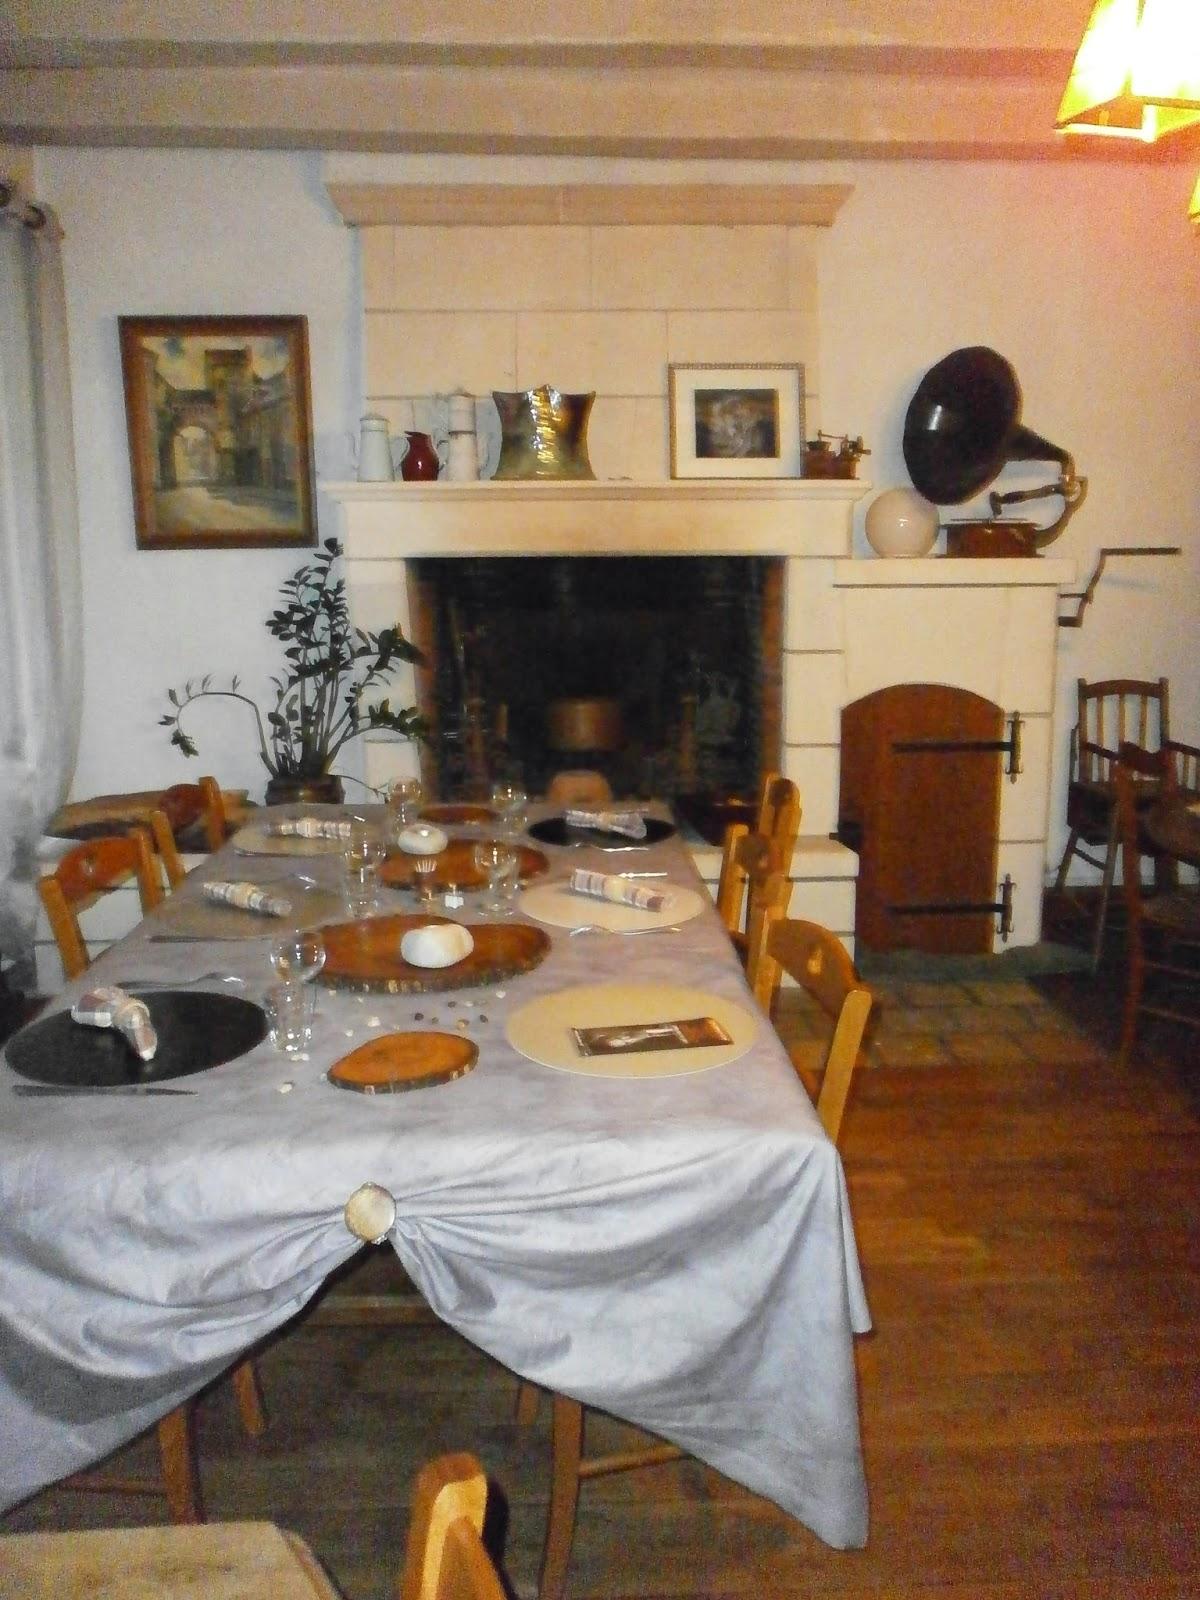 Le pigeonnier salle manger table d 39 h tes - Chambre d hote le pigeonnier ...